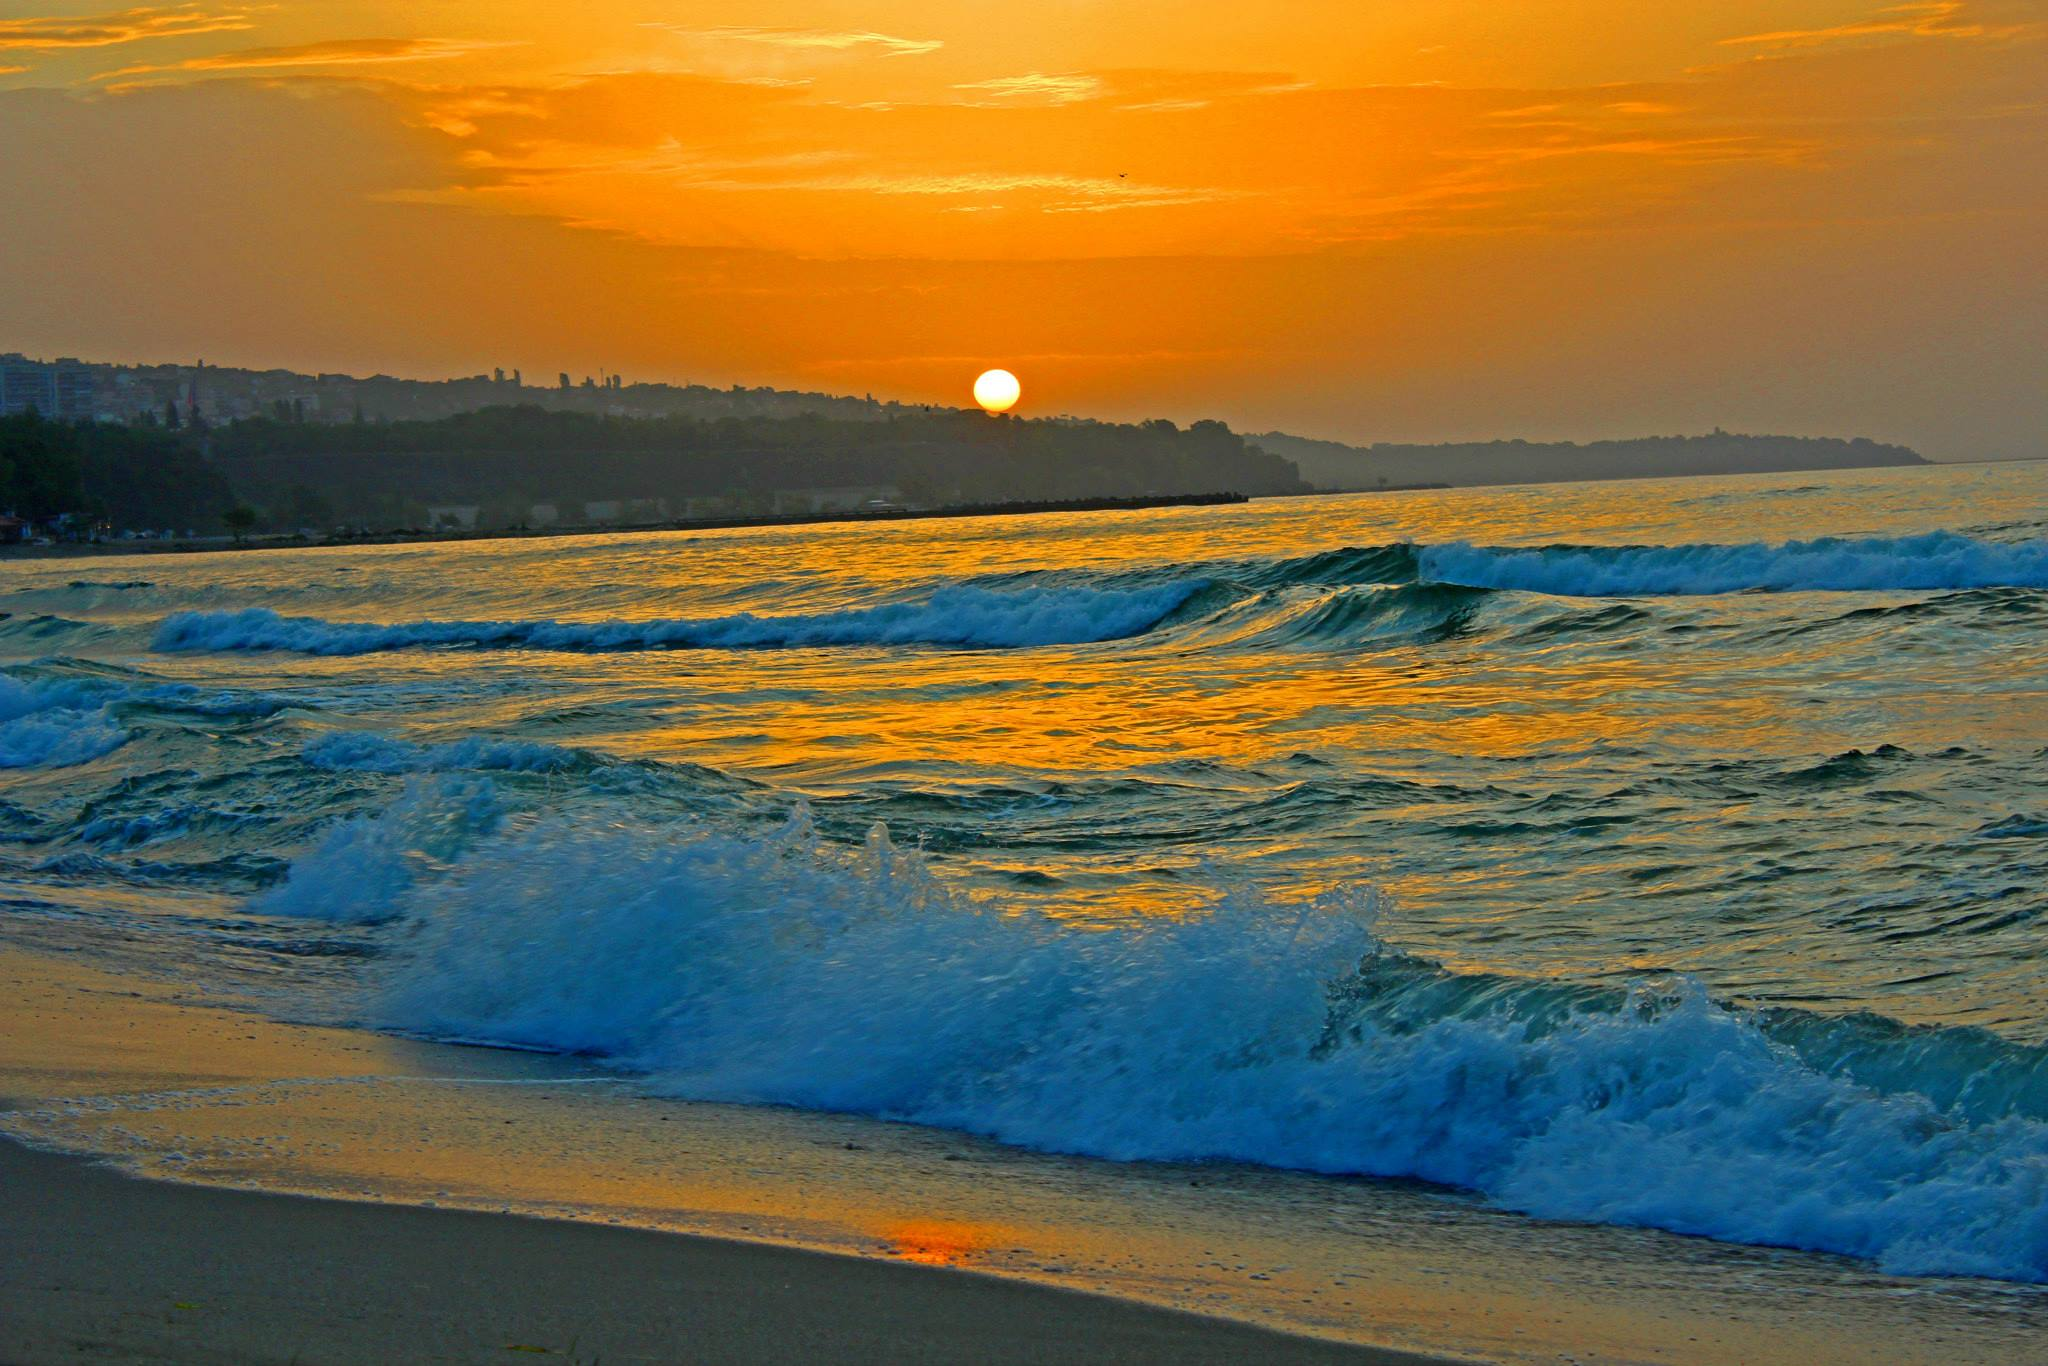 И аз се чудя дали ще усетиш първото докосване на топ- лите вълни още преди да слезеш от пътеката на времето или веднага щом вече си я напуснал. Но това няма значе- ние, защото дори и очакването може да бъде много прият- но, докато се носиш по течението на важните, на дълбоките сънища на океана...